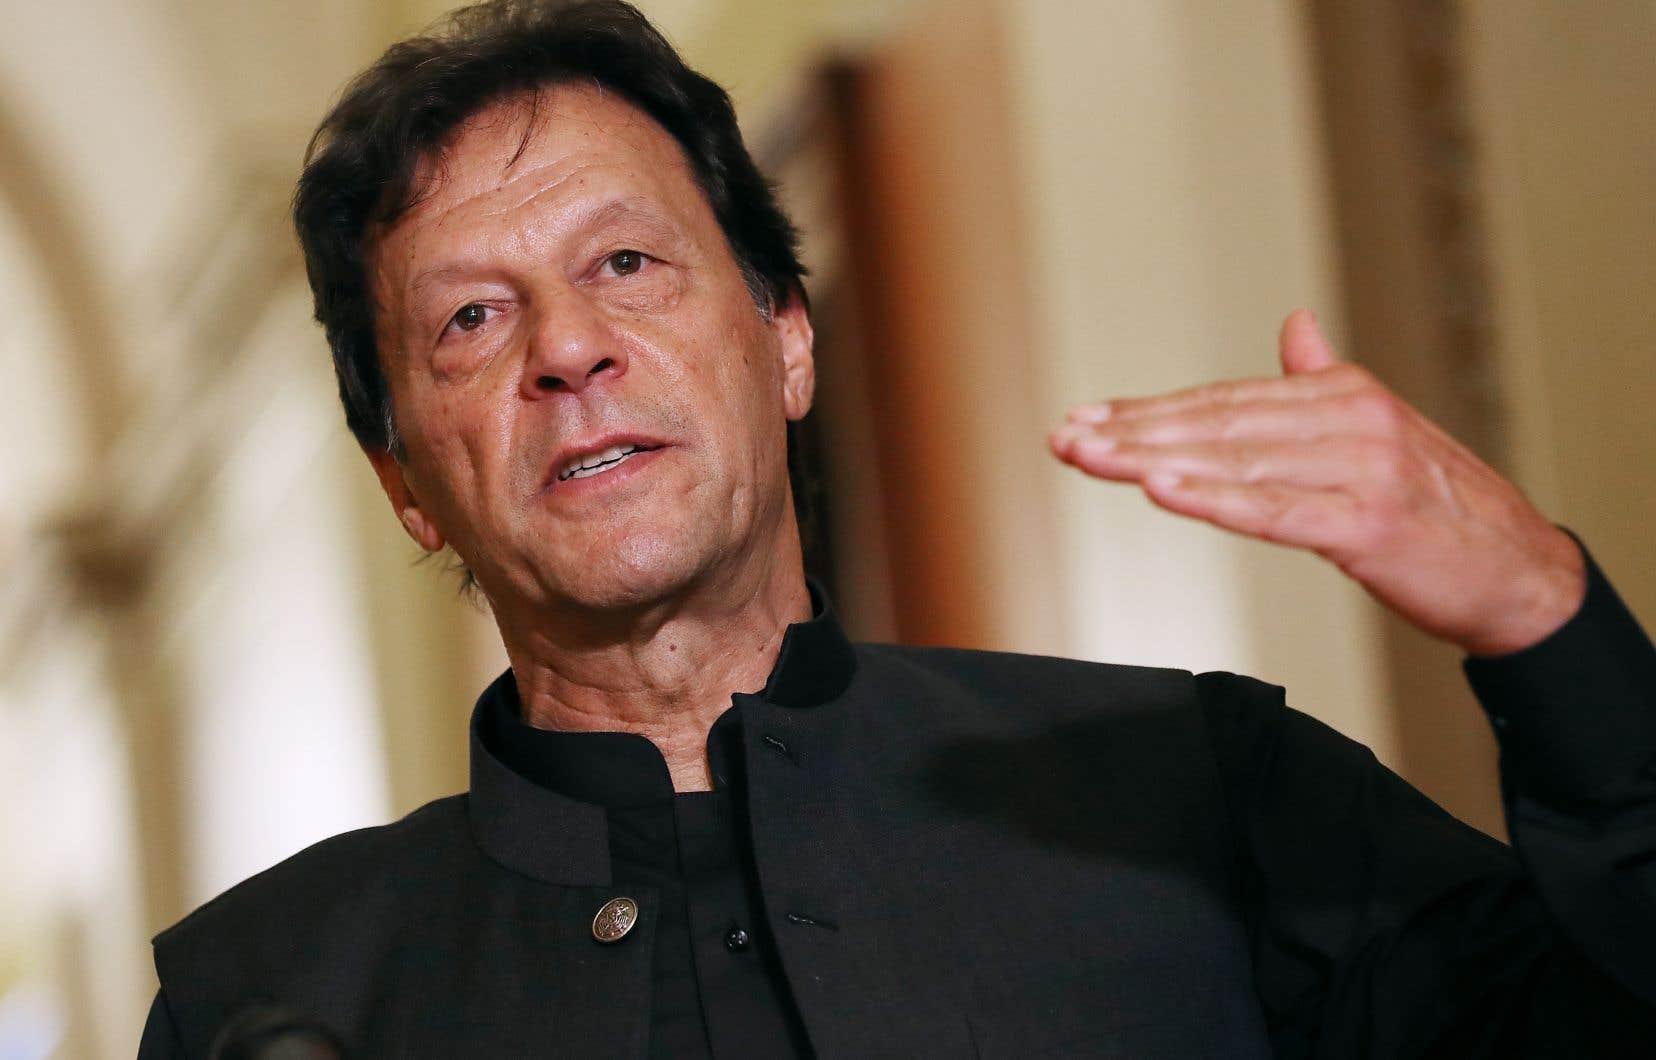 «Il y a une tentative de changer la démographie du Cachemire par le nettoyage ethnique», a accusé le premier ministre pakistanais, Imran Khan.